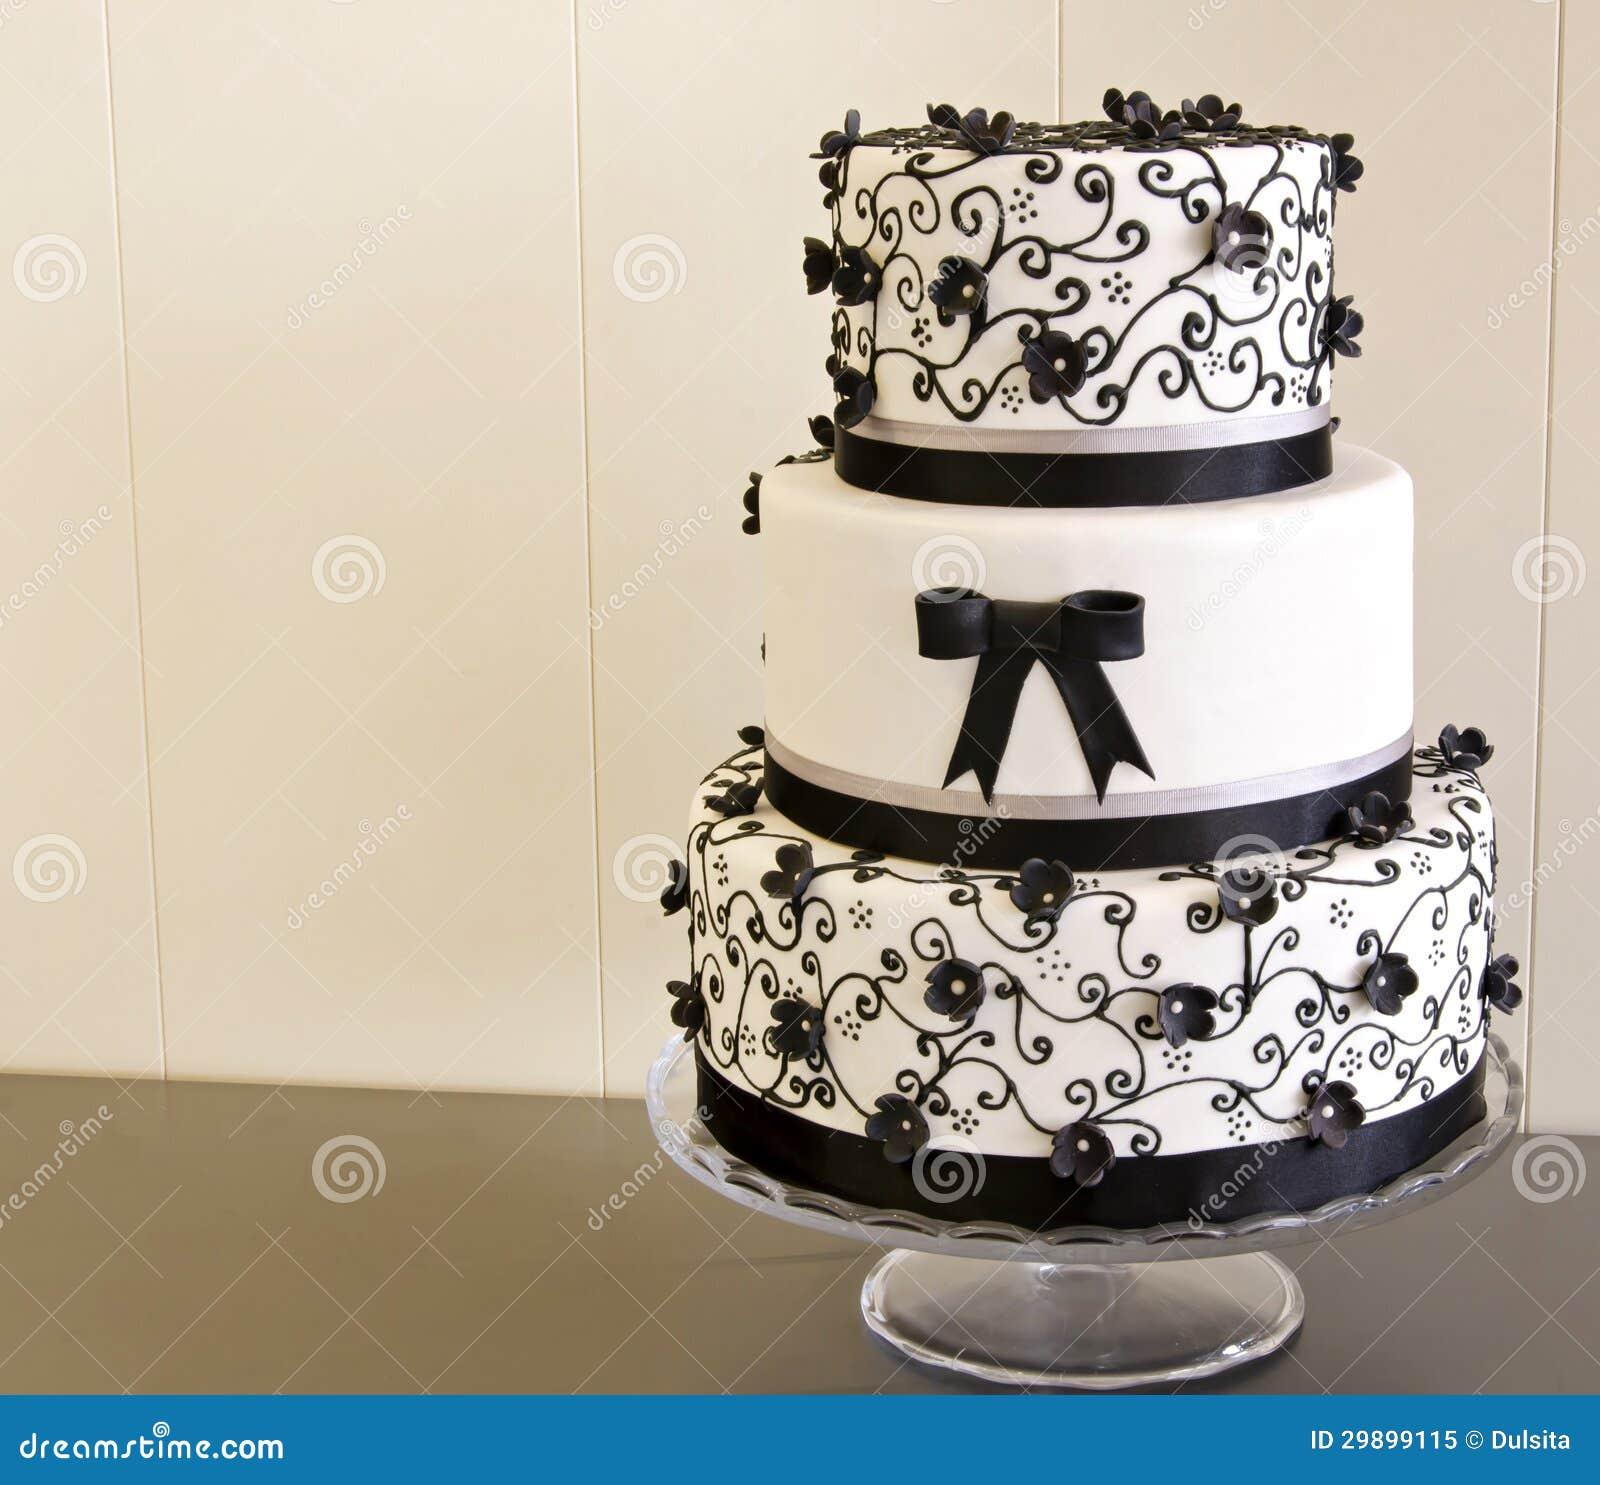 finden Sie Ihre perfekte Hochzeitstorte!